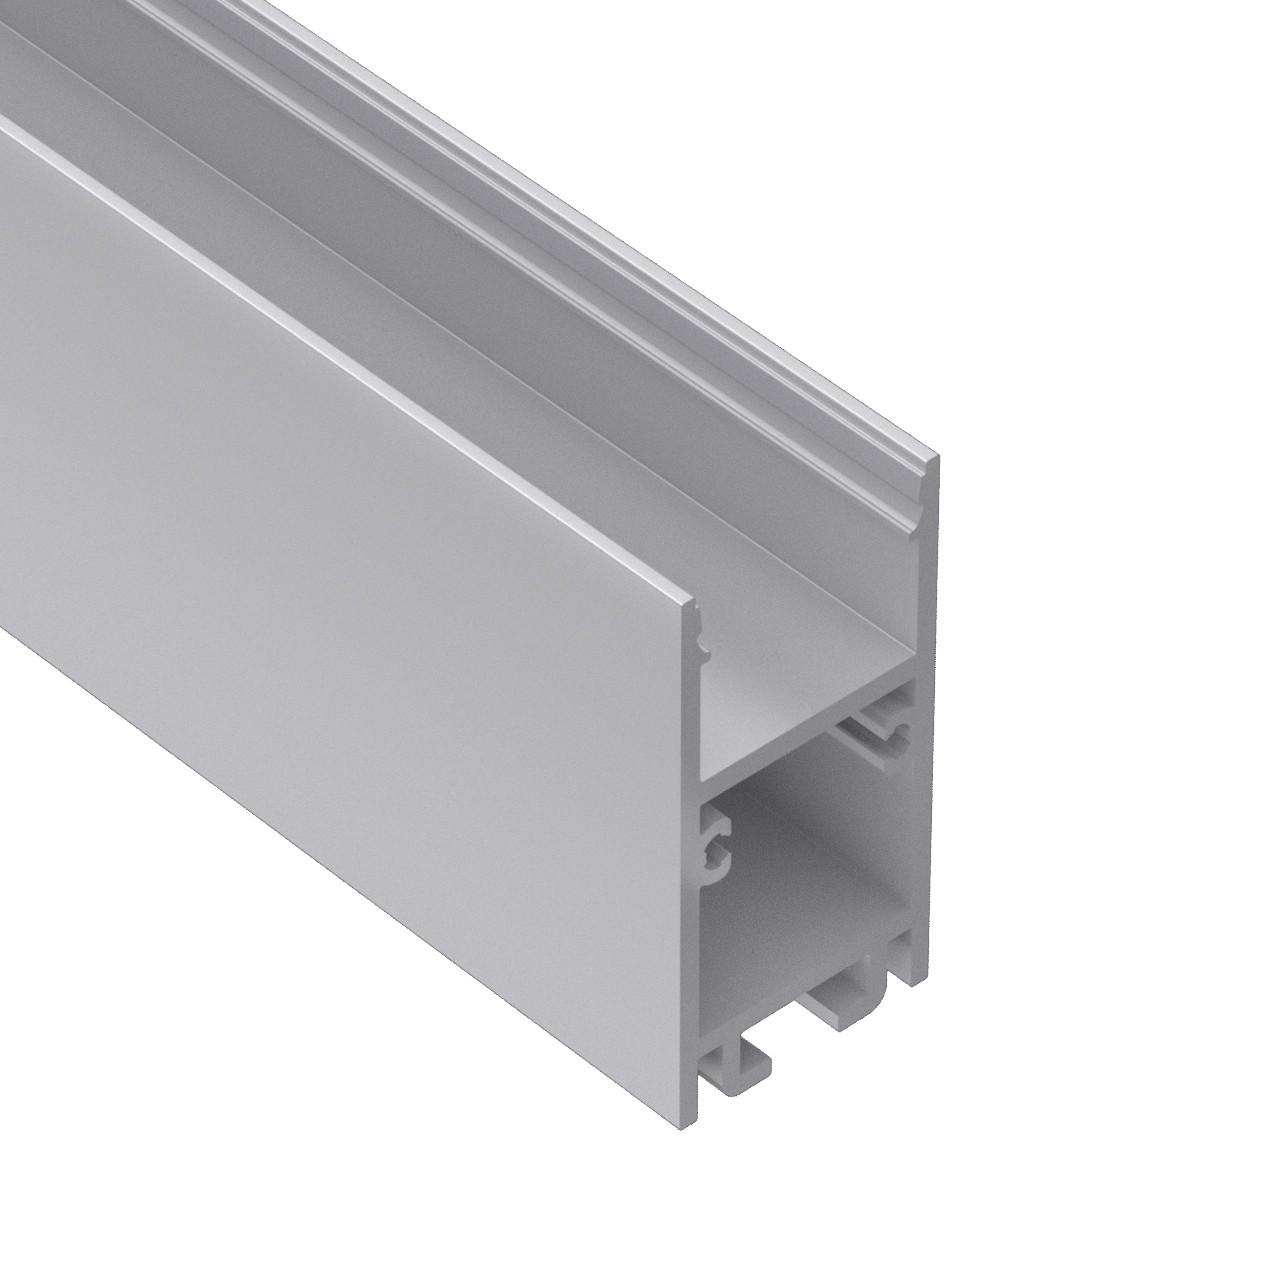 U20 Surface Mount Led Aluminum Profile